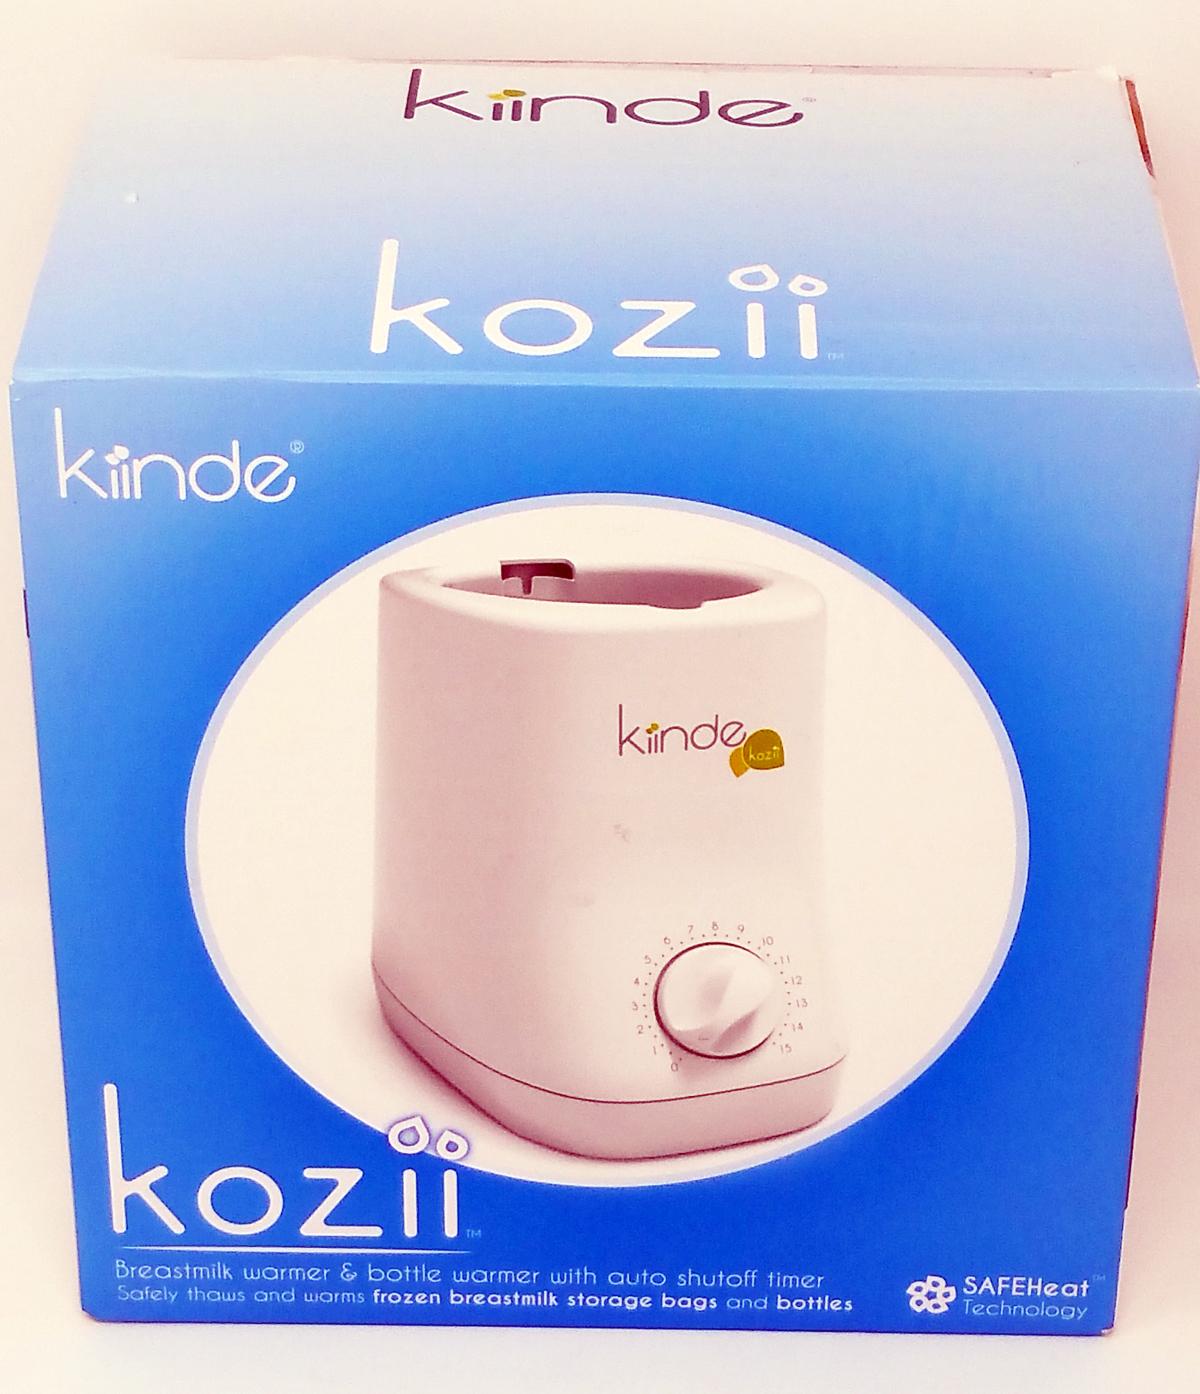 Kiinde Kozii Bottle Warmer and Breast Milk Warmer (Open Box) by Kiinde